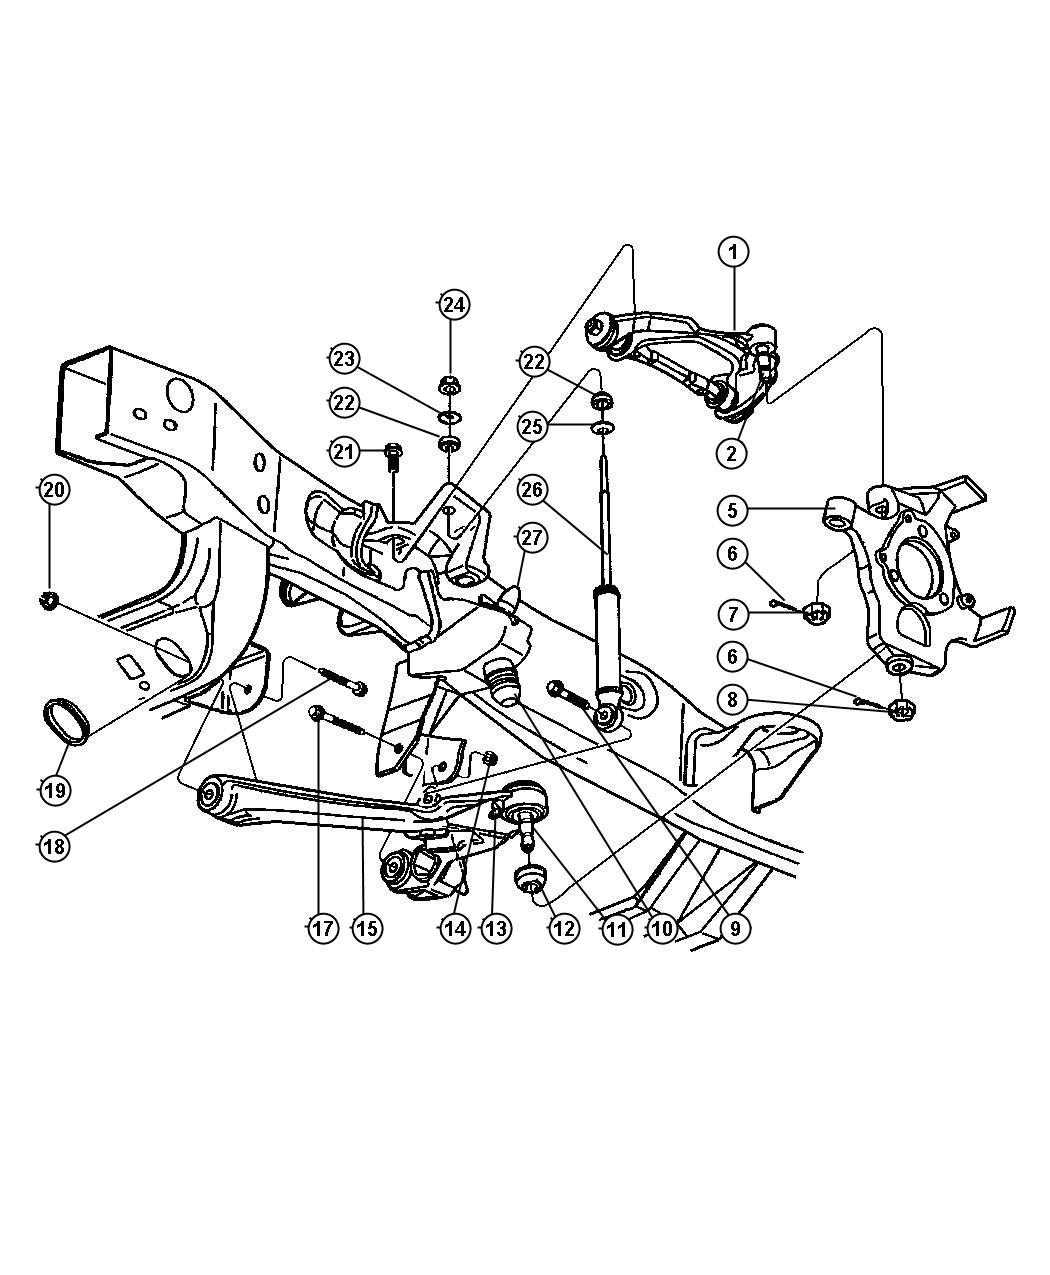 Dodge Durango Parts Diagram Tire